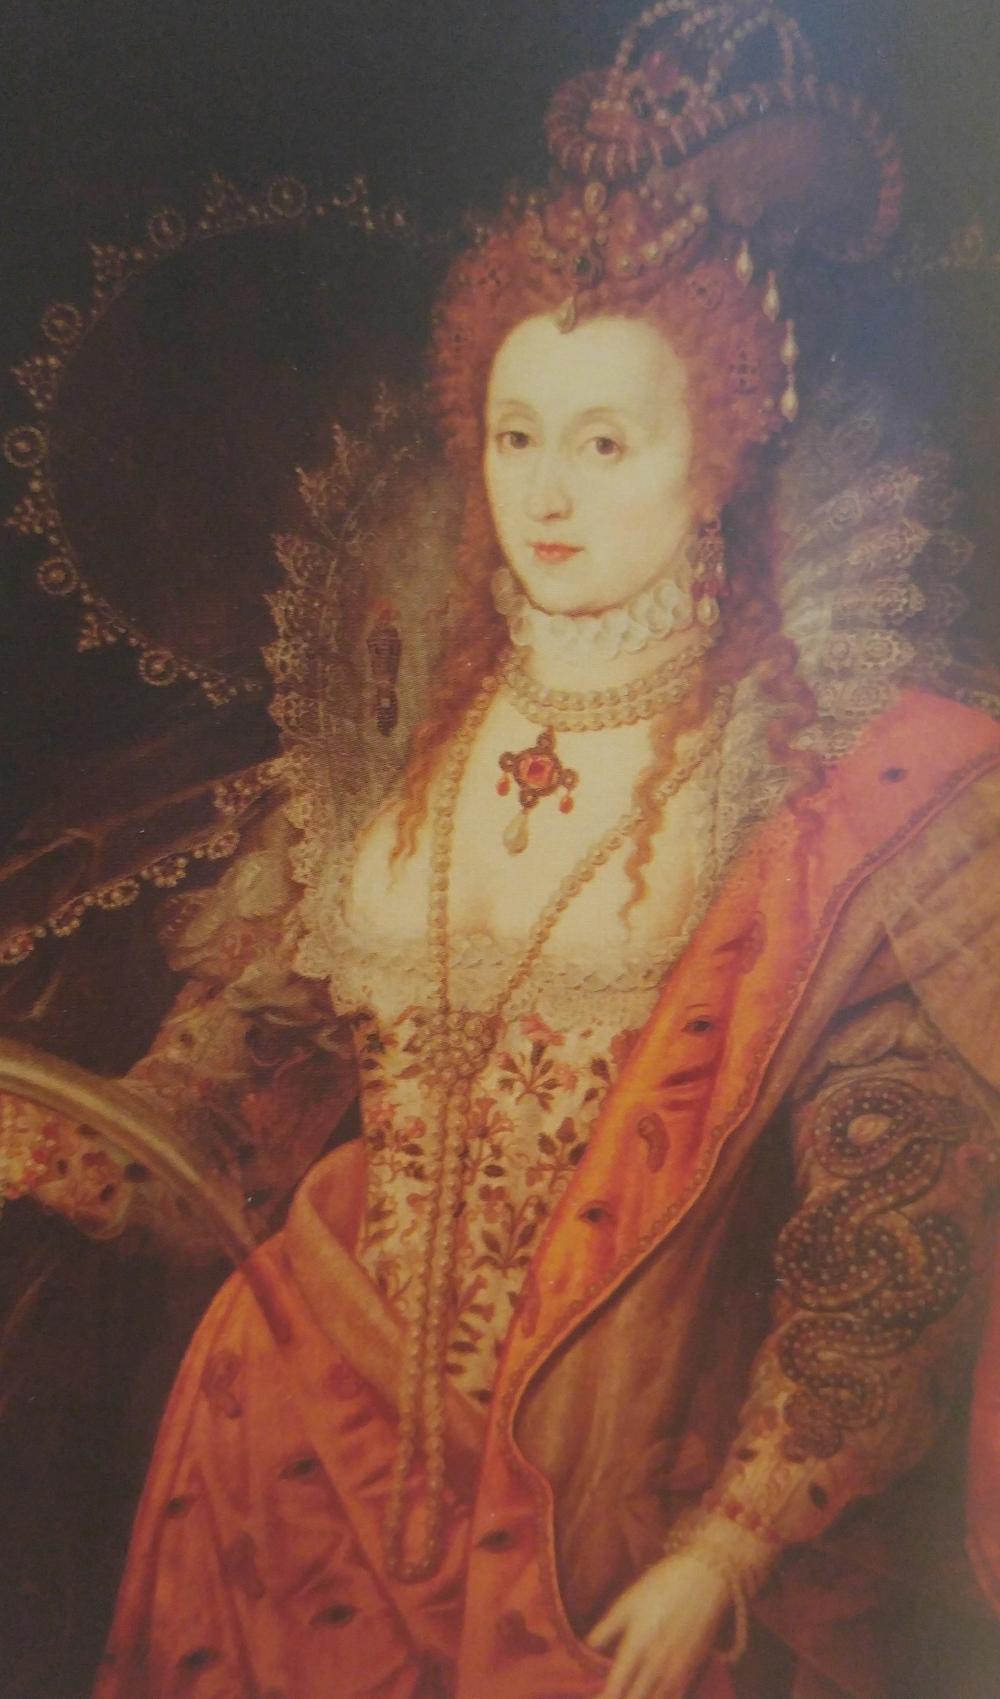 Elizabeth I of England, age 66